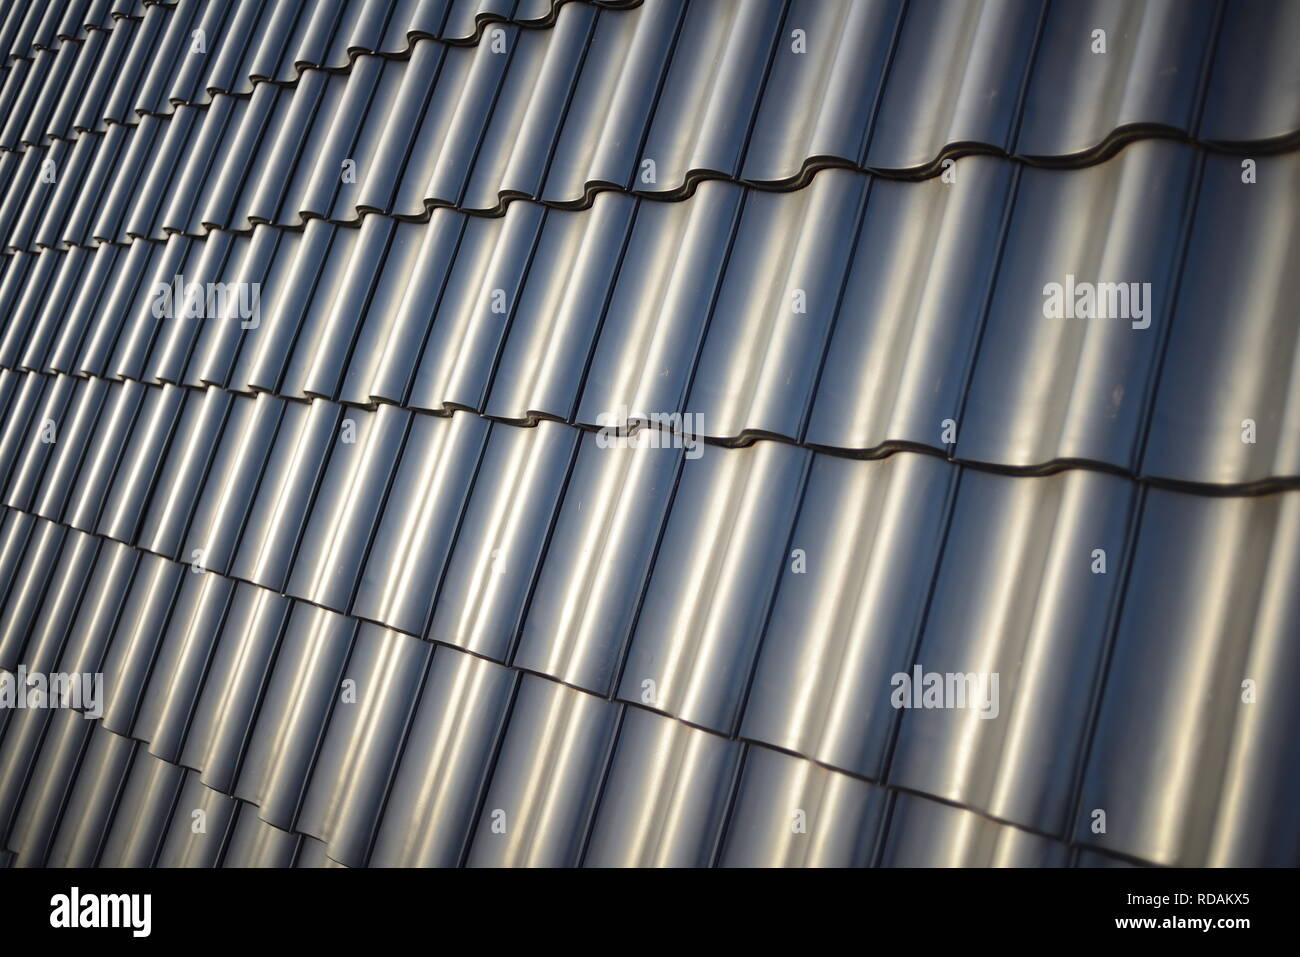 Premium Hintergrund für Dachdecker. Dachziegel auf neuem Hausdach. Traditionelle Dachhandwerk Baustelle Herbst Winter. Foto schwarz weiß - Stock Image